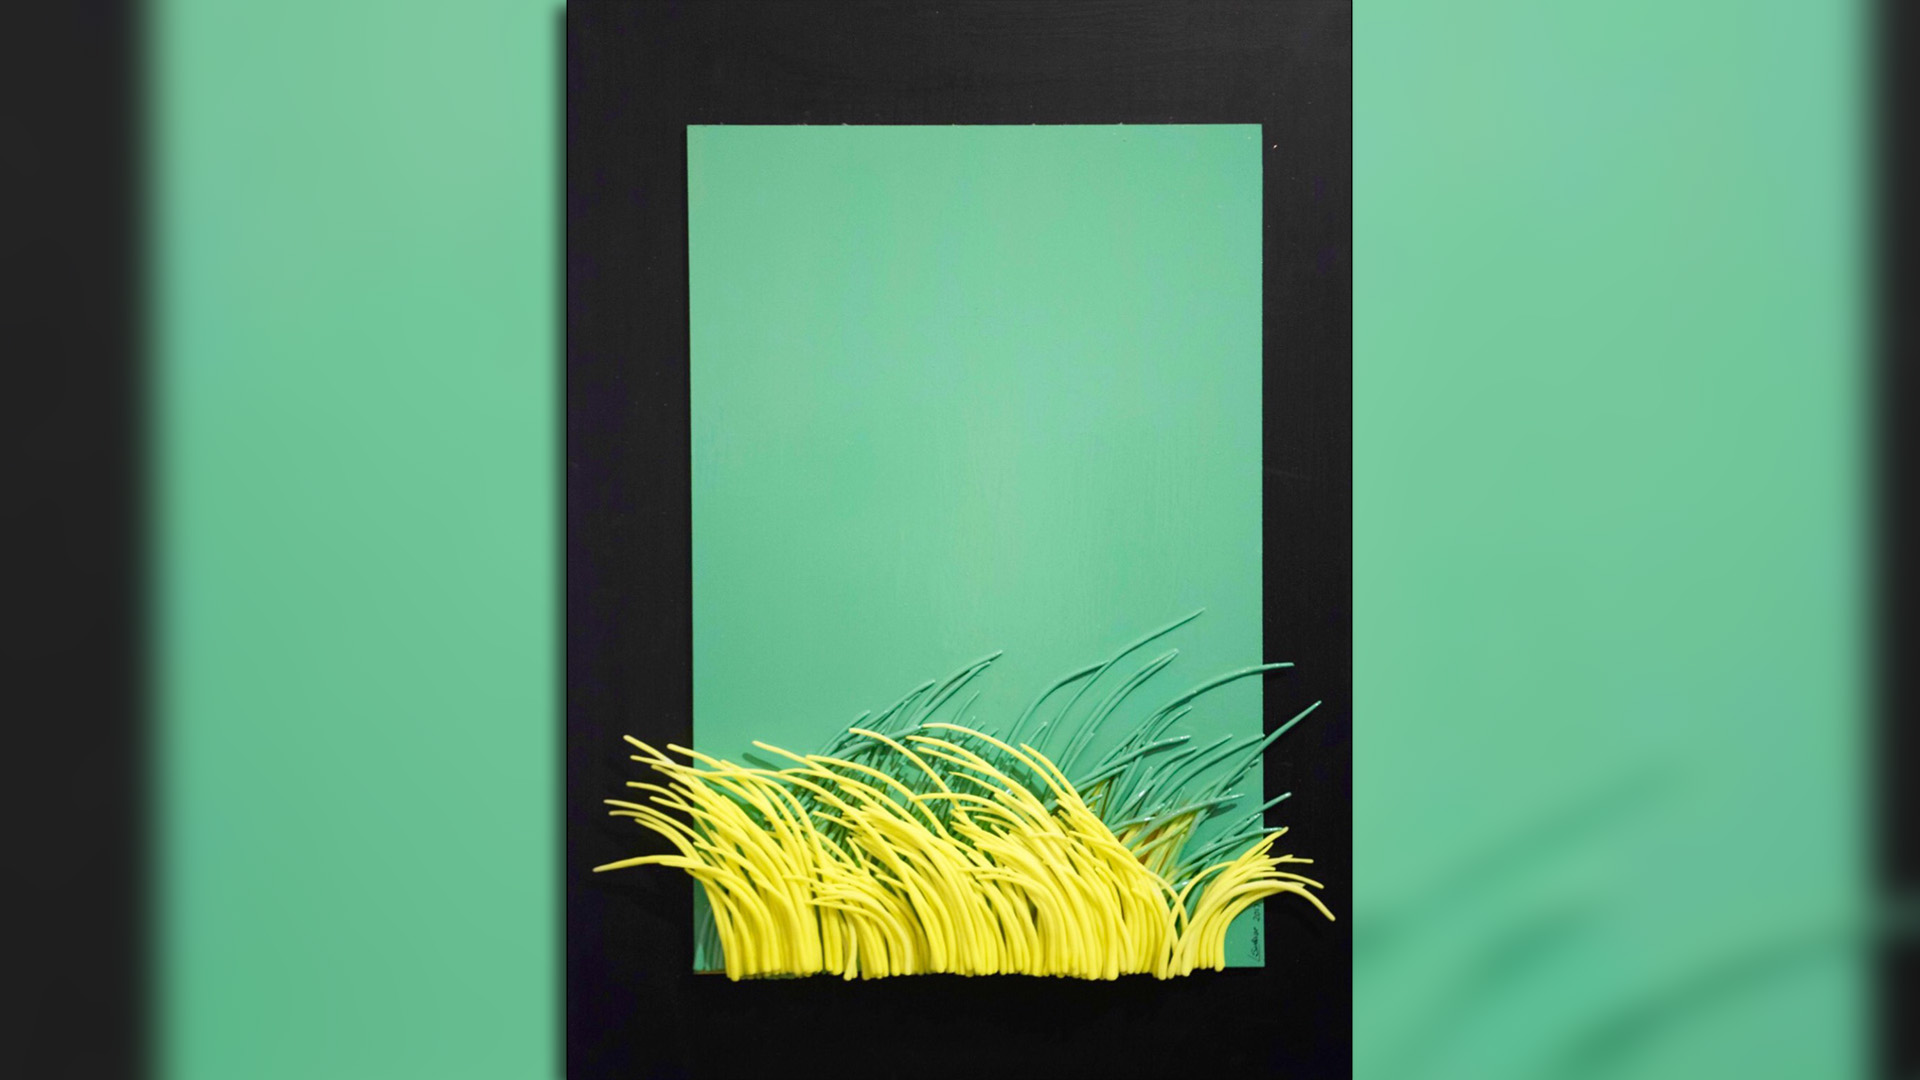 El relieve y los colores, características de la obra de Laura Subise, la artista plástica que promueve la inclusión.